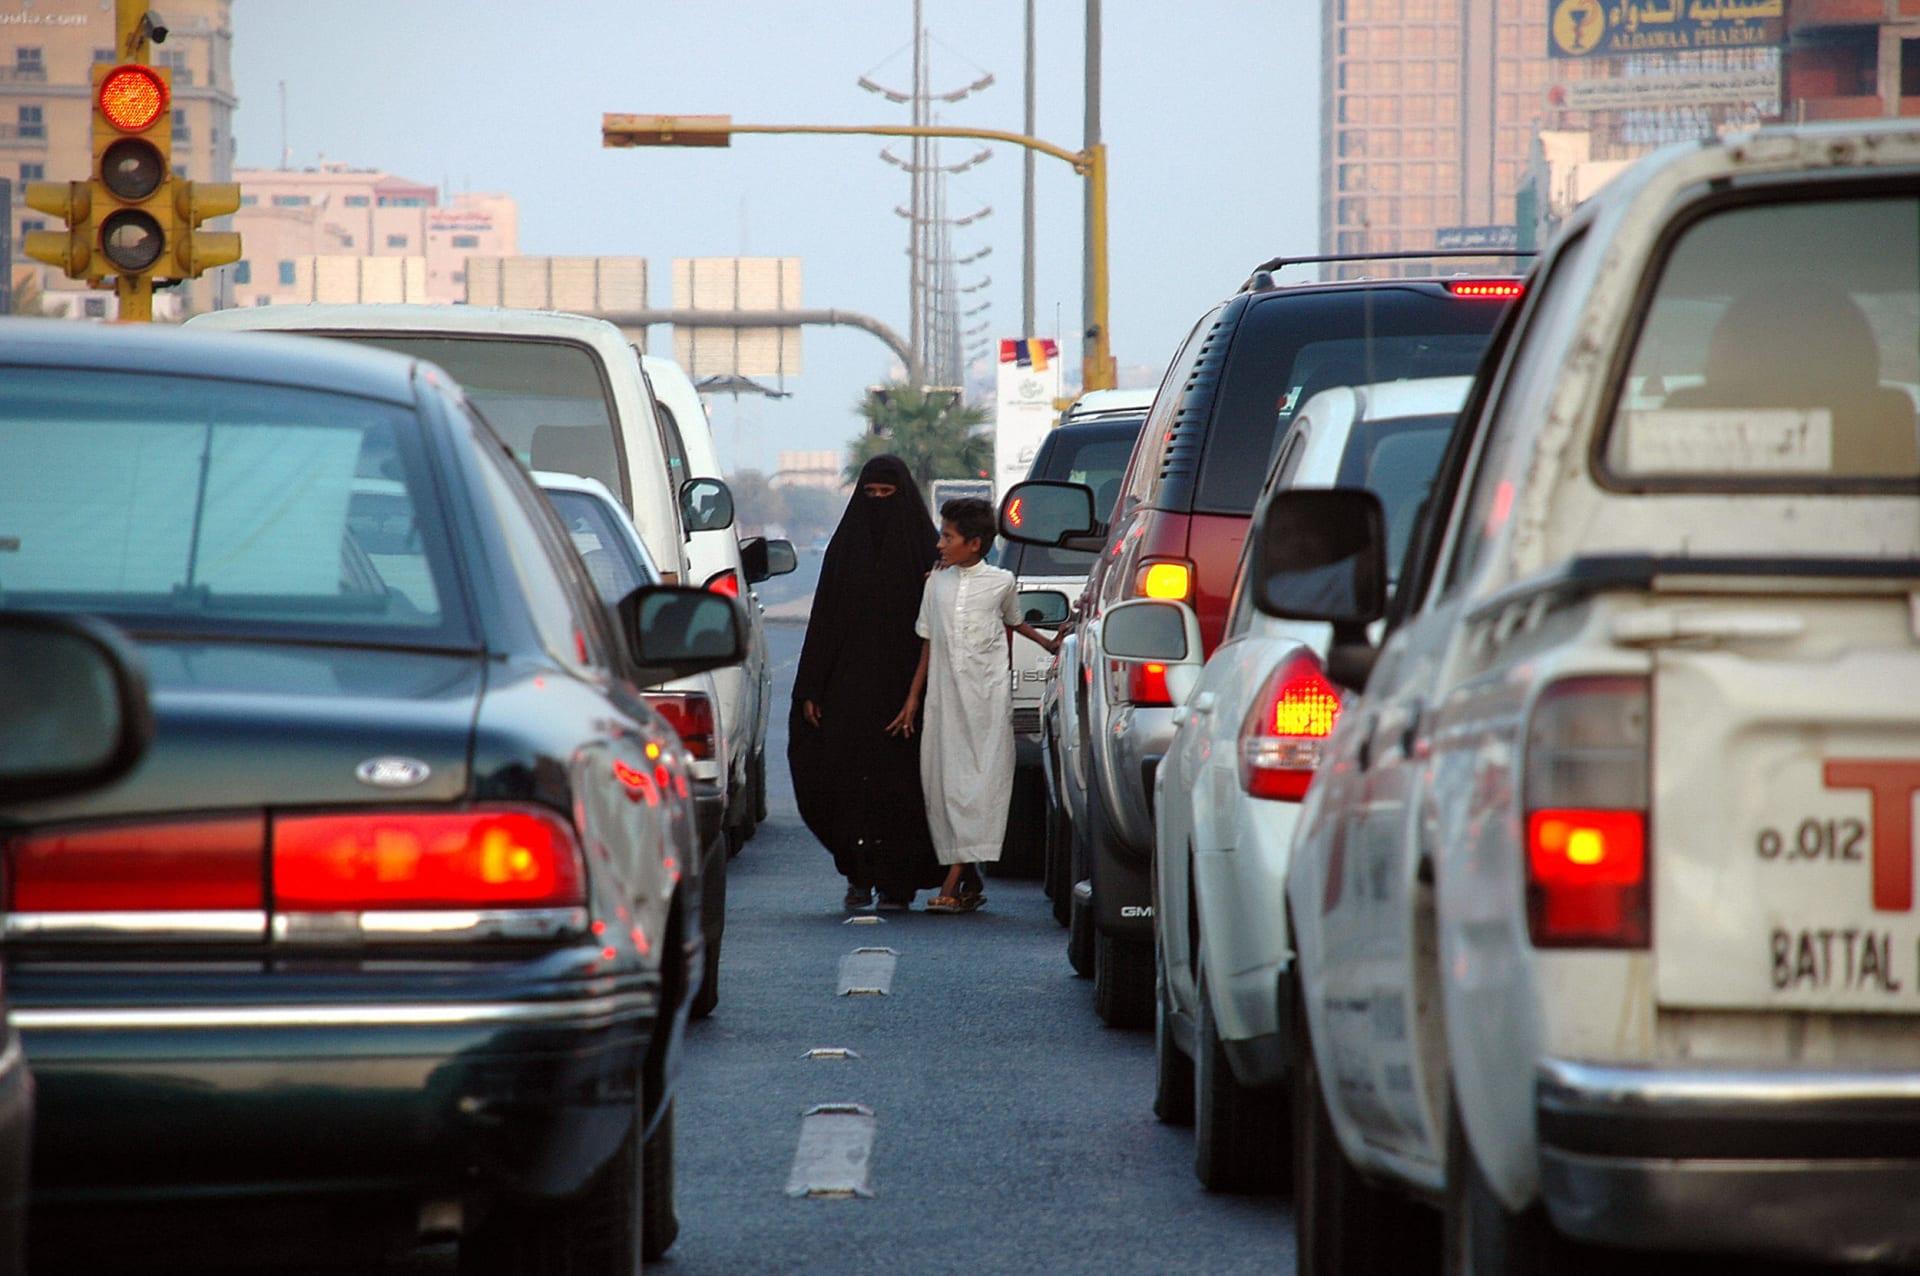 """مفتي السعودية يحدد شروط قبول أموال الضمان والقره داغي يفتي بقبول تبرع """"البنوك الربوية"""" بغير المصاحف والمساجد"""